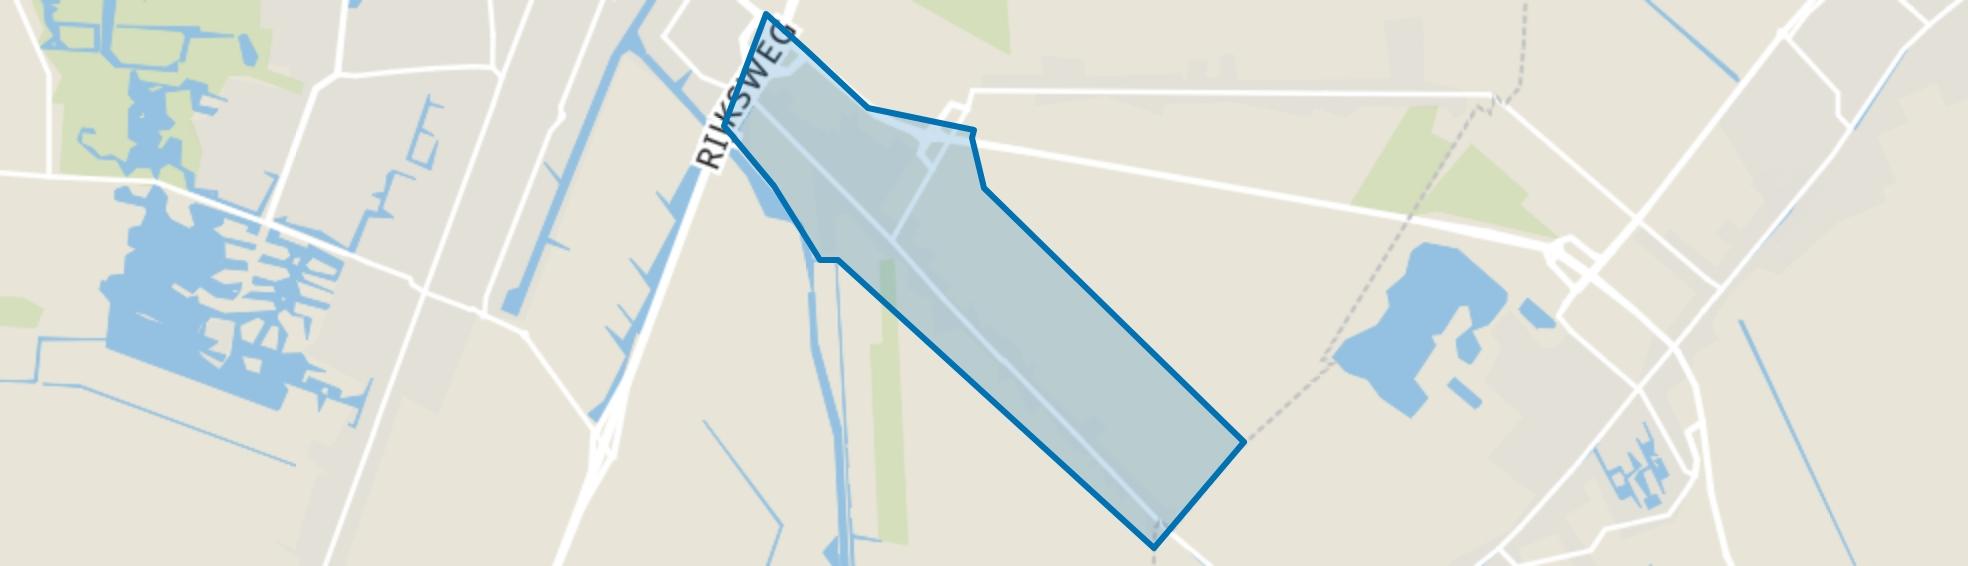 Ommelanderwijk, Veendam map